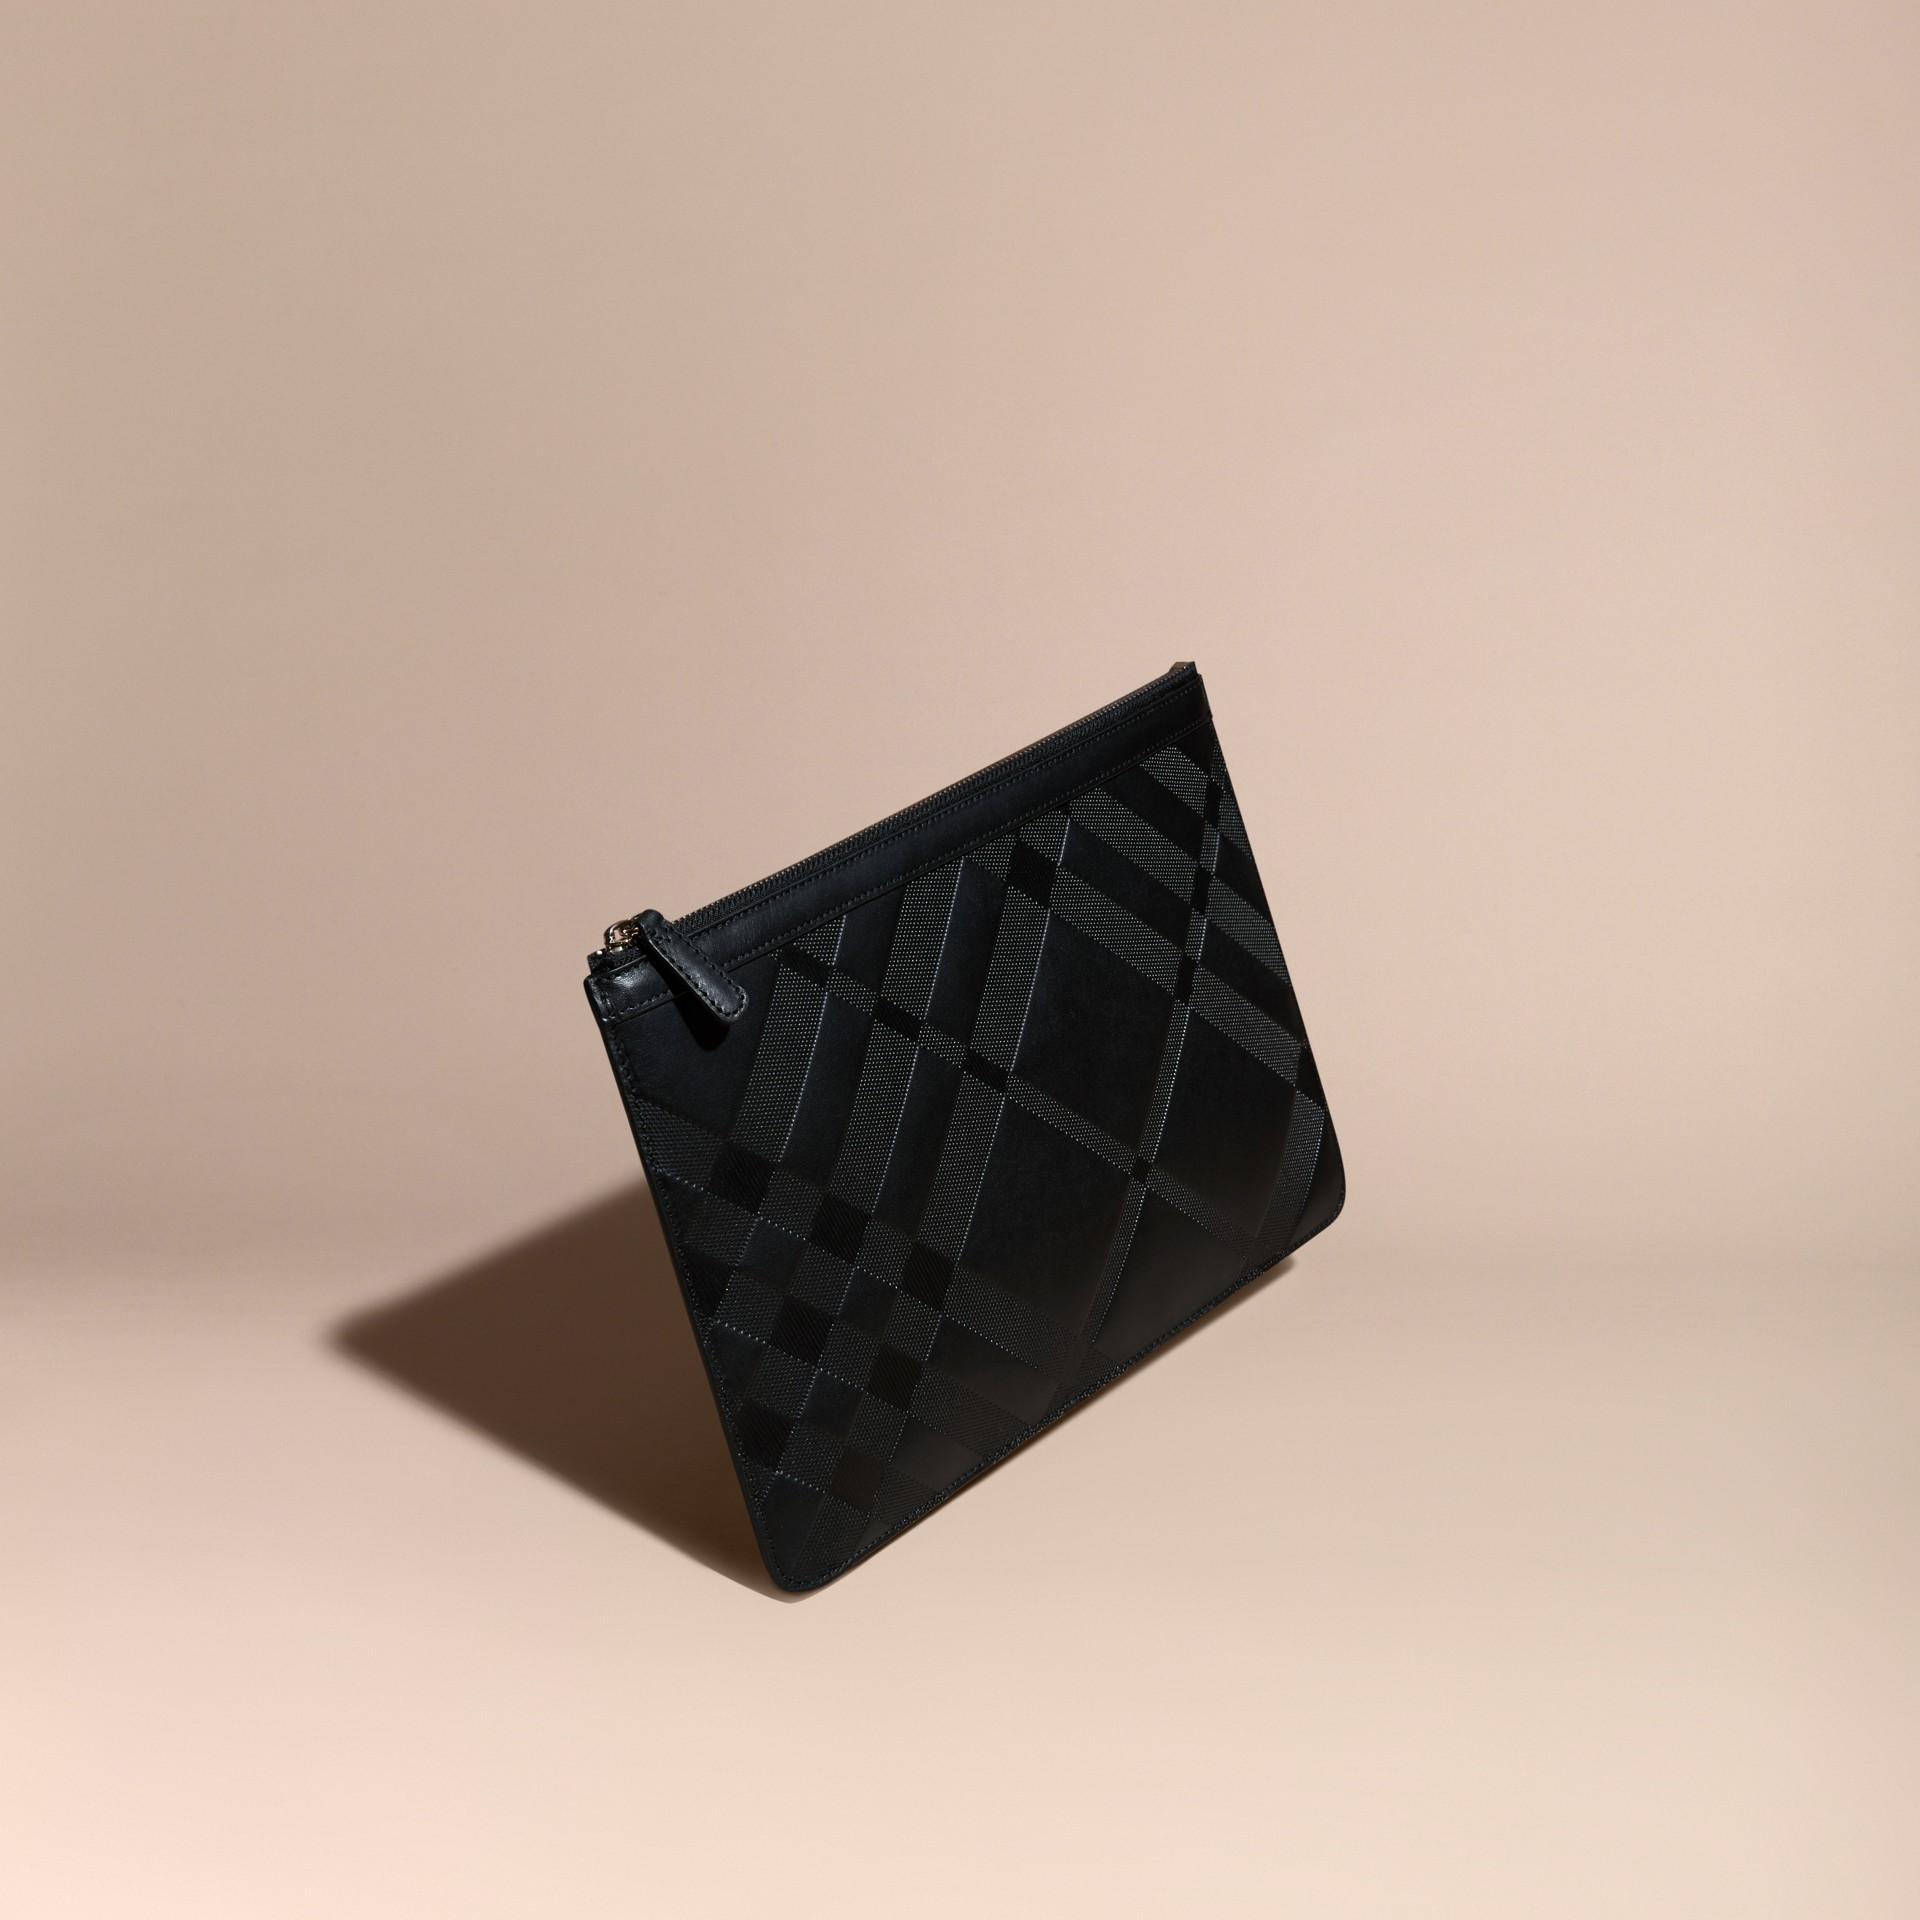 Nero Pochette in pelle con motivo check in rilievo Nero - immagine della galleria 1